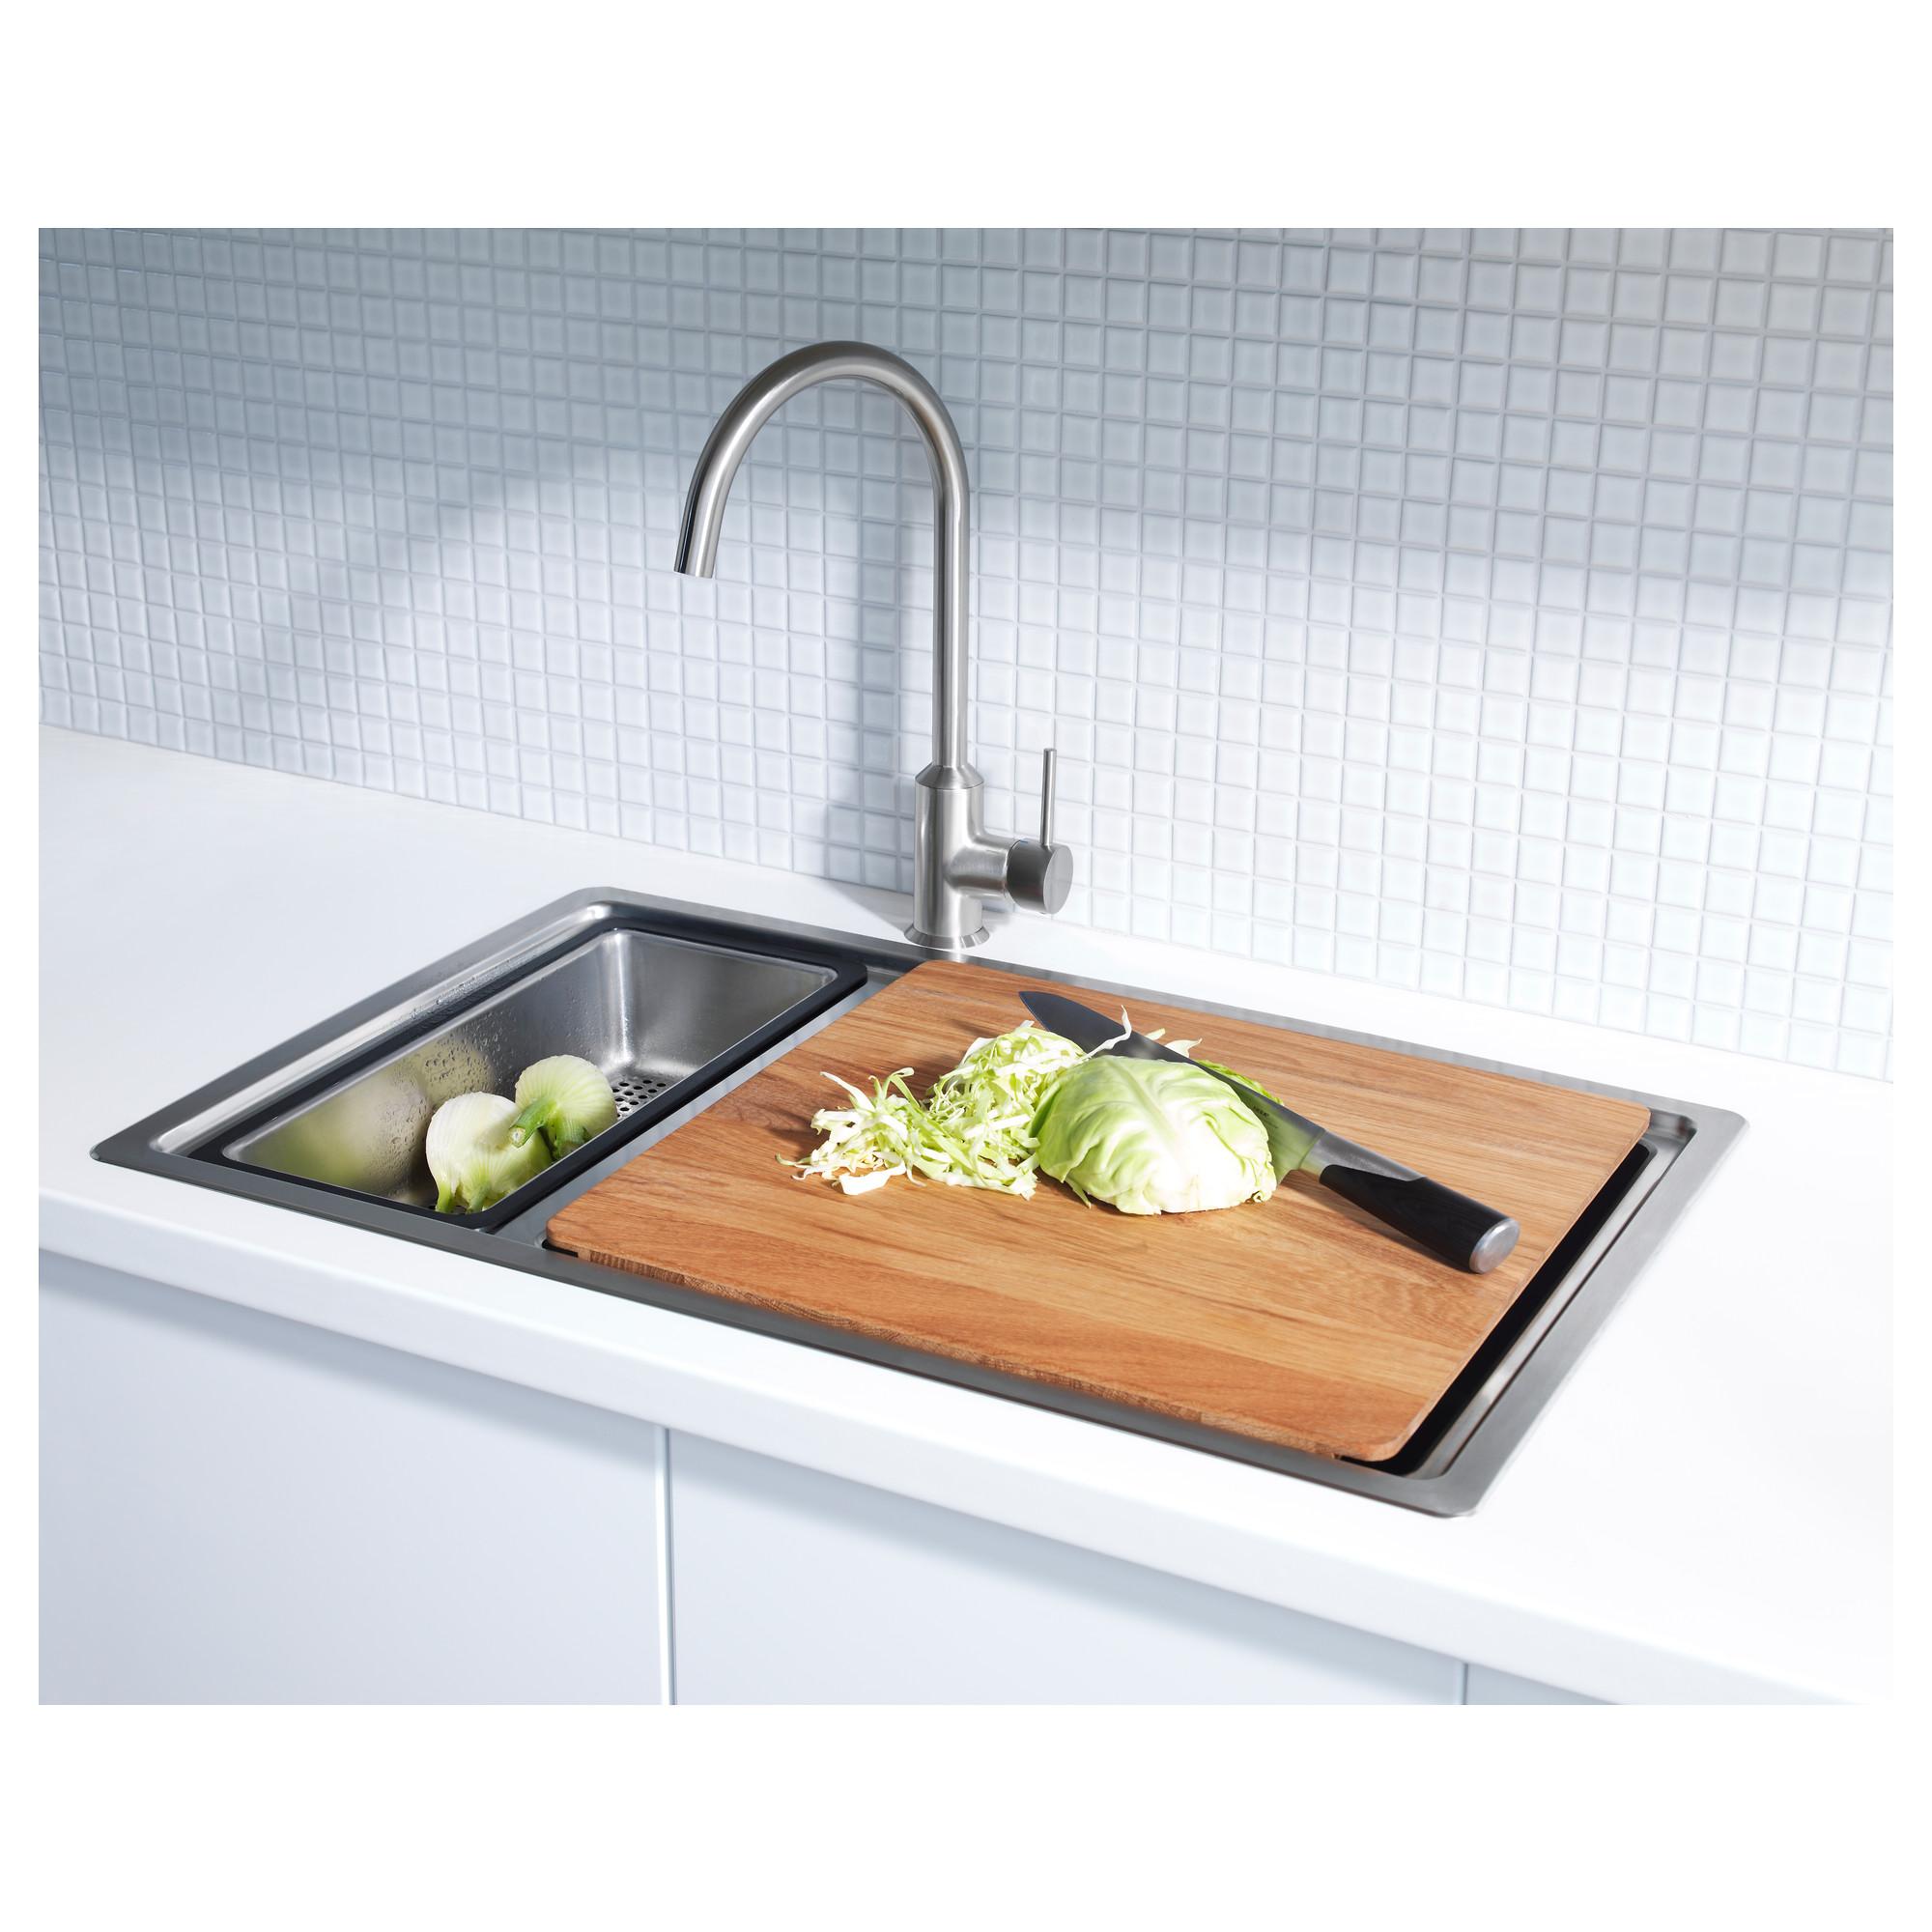 NorrsjÖn Chopping Board Oak Ikea